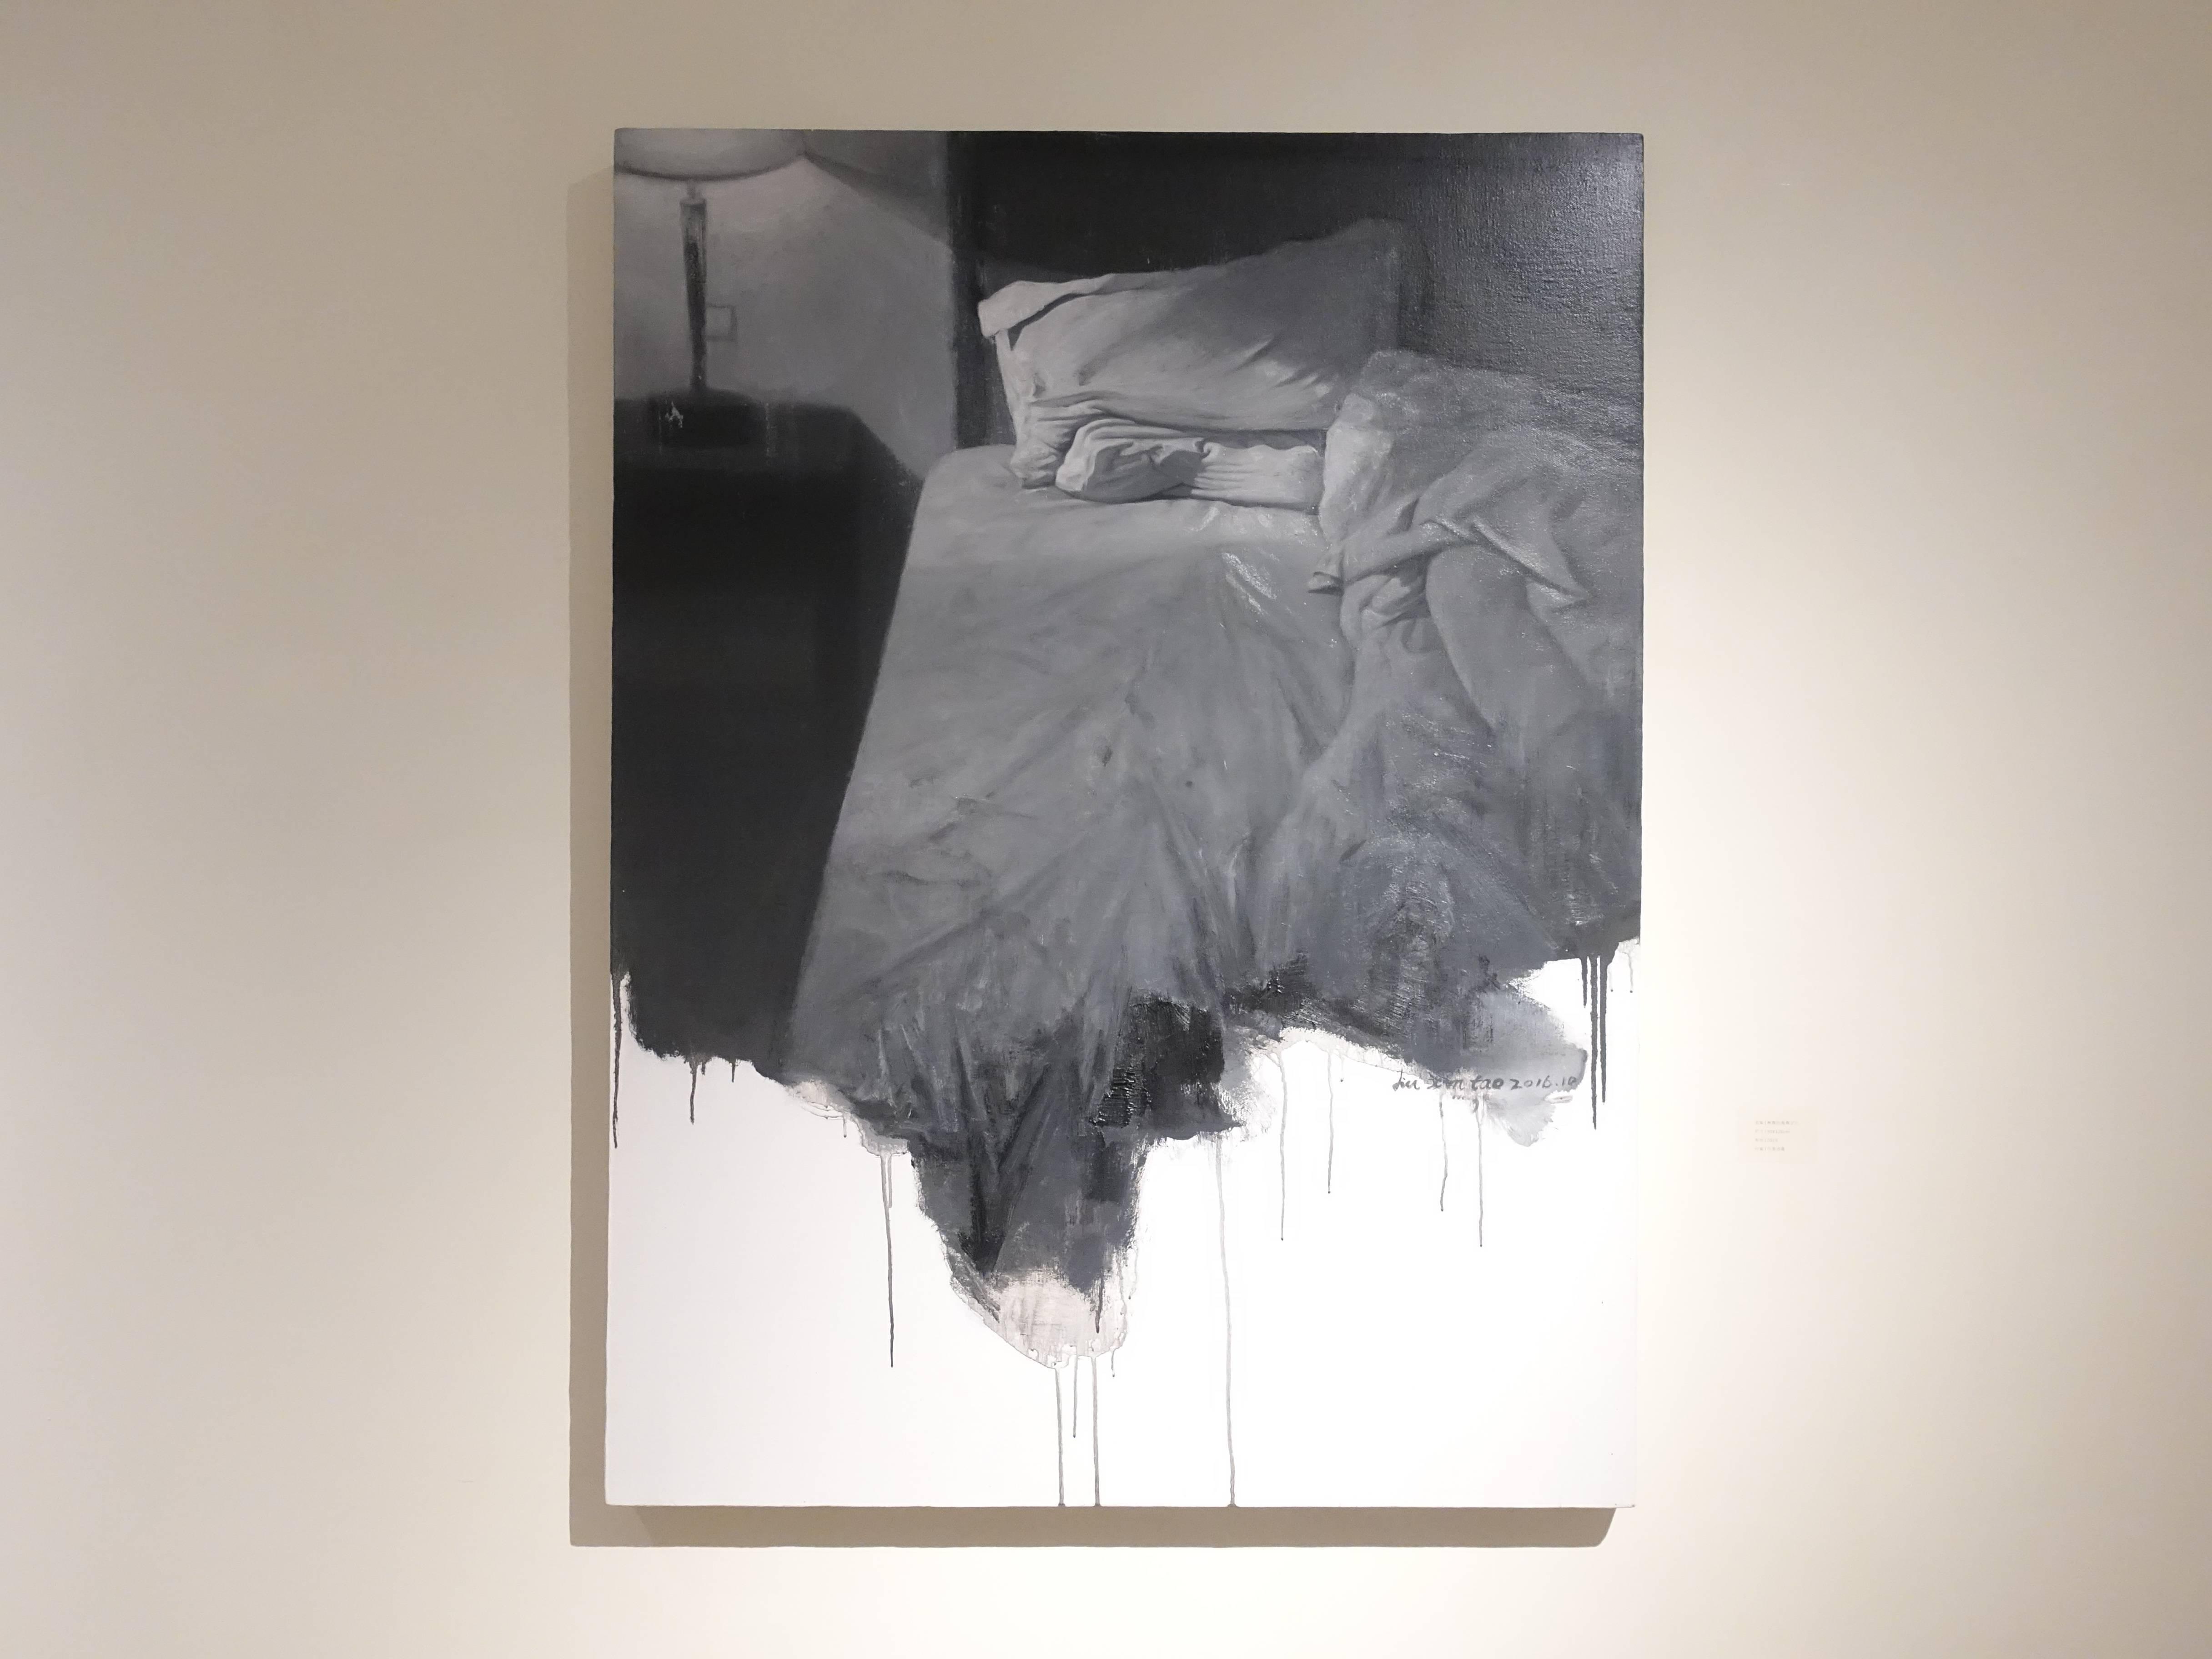 劉芯濤,《床》之一, 90 x 120 cm,布面油畫,2016。